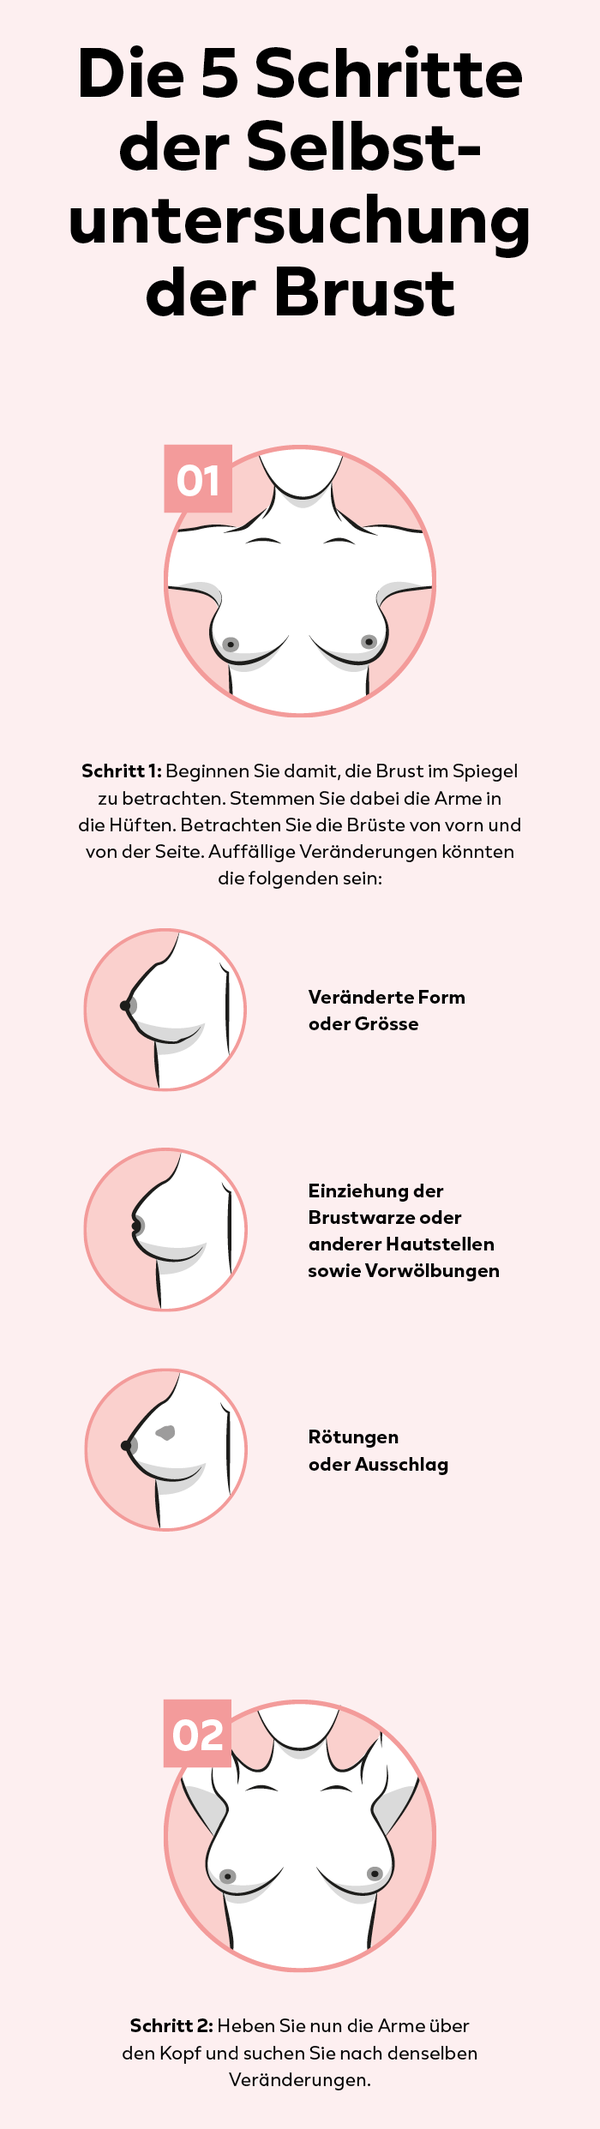 Brust im Spiegel betrachten auf veränderte Form, Grösse oder Einziehung der Brustwarzen